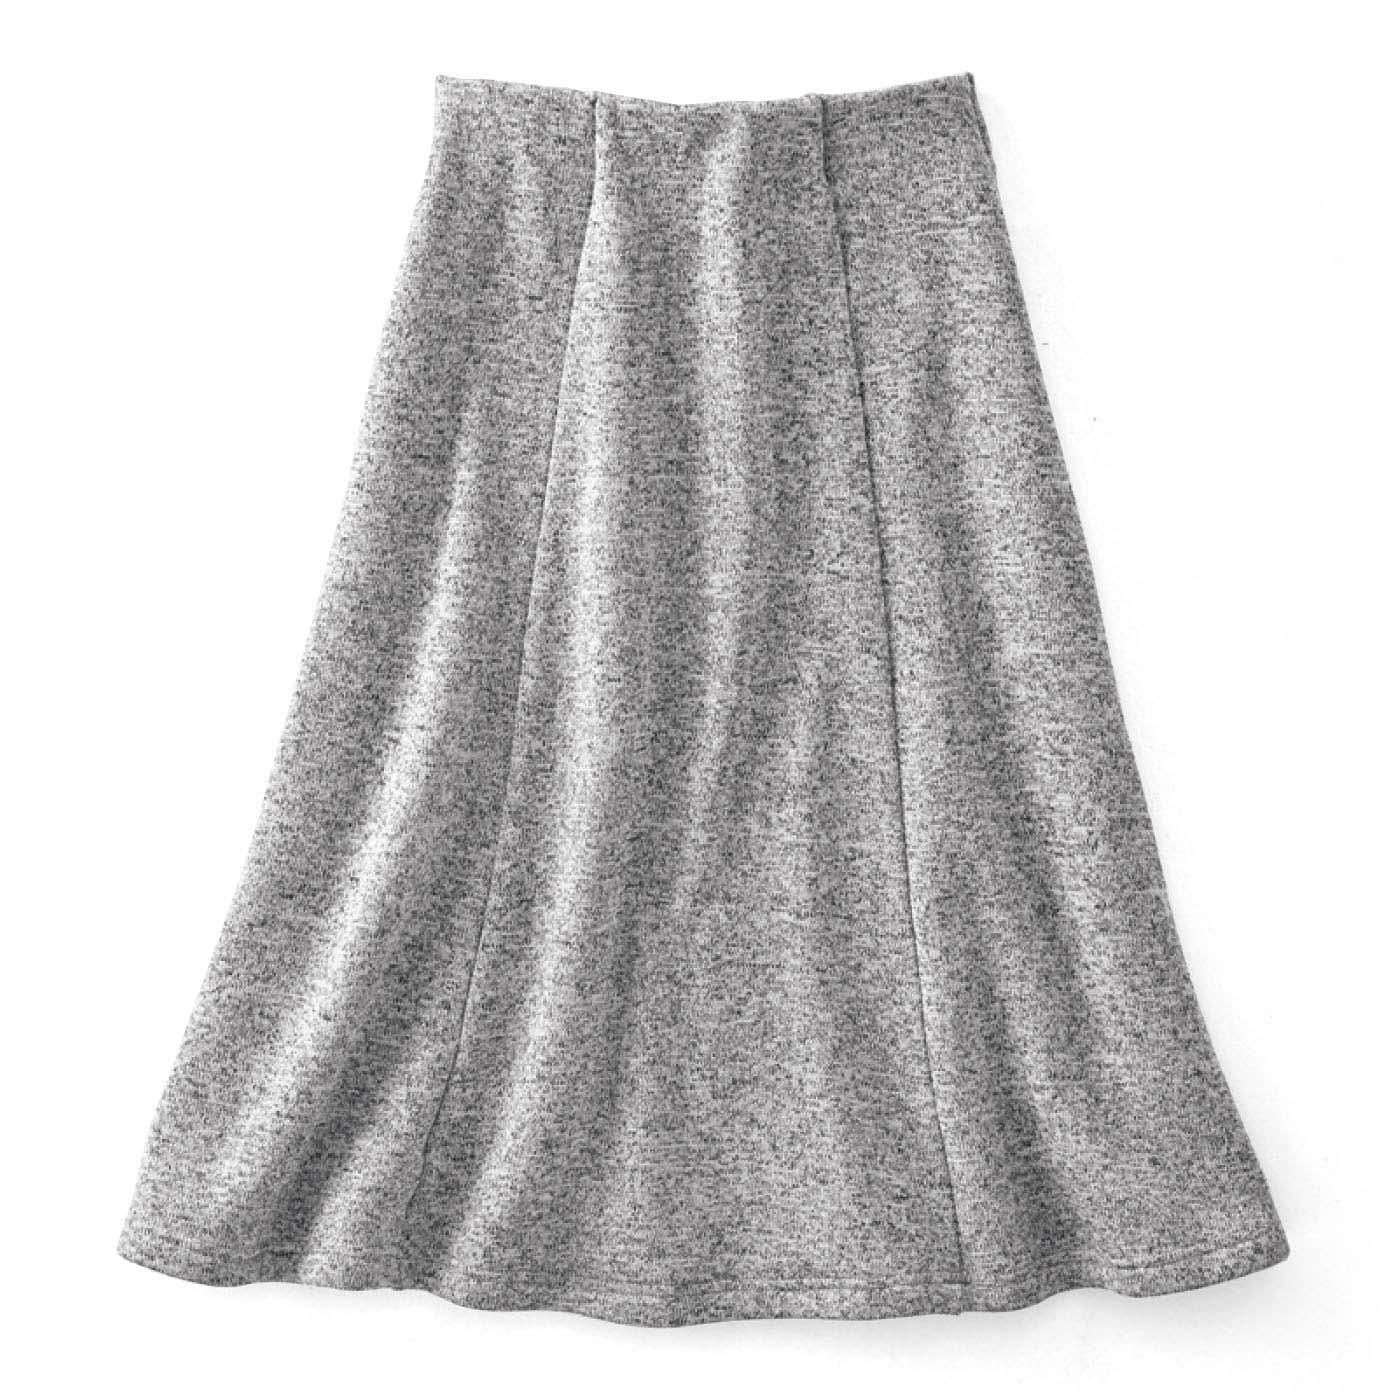 スカートウエストは隠れ平ゴムで着脱らくちん&すっきり。すそは女性らしいフレアーラインが下半身をすっきり見せ。